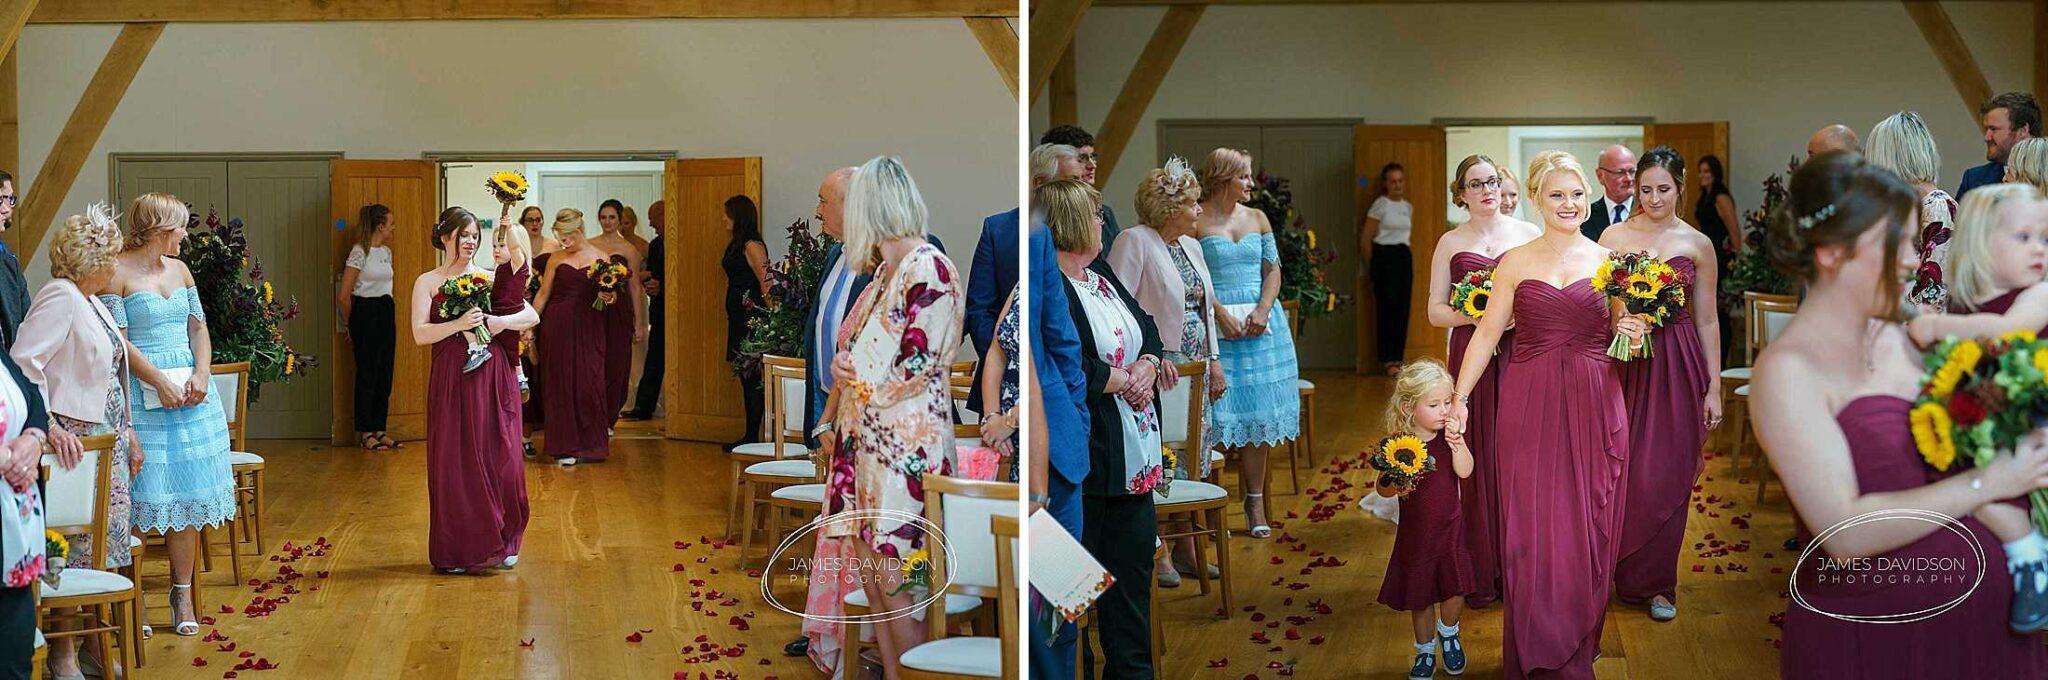 easton-grange-weddings-029